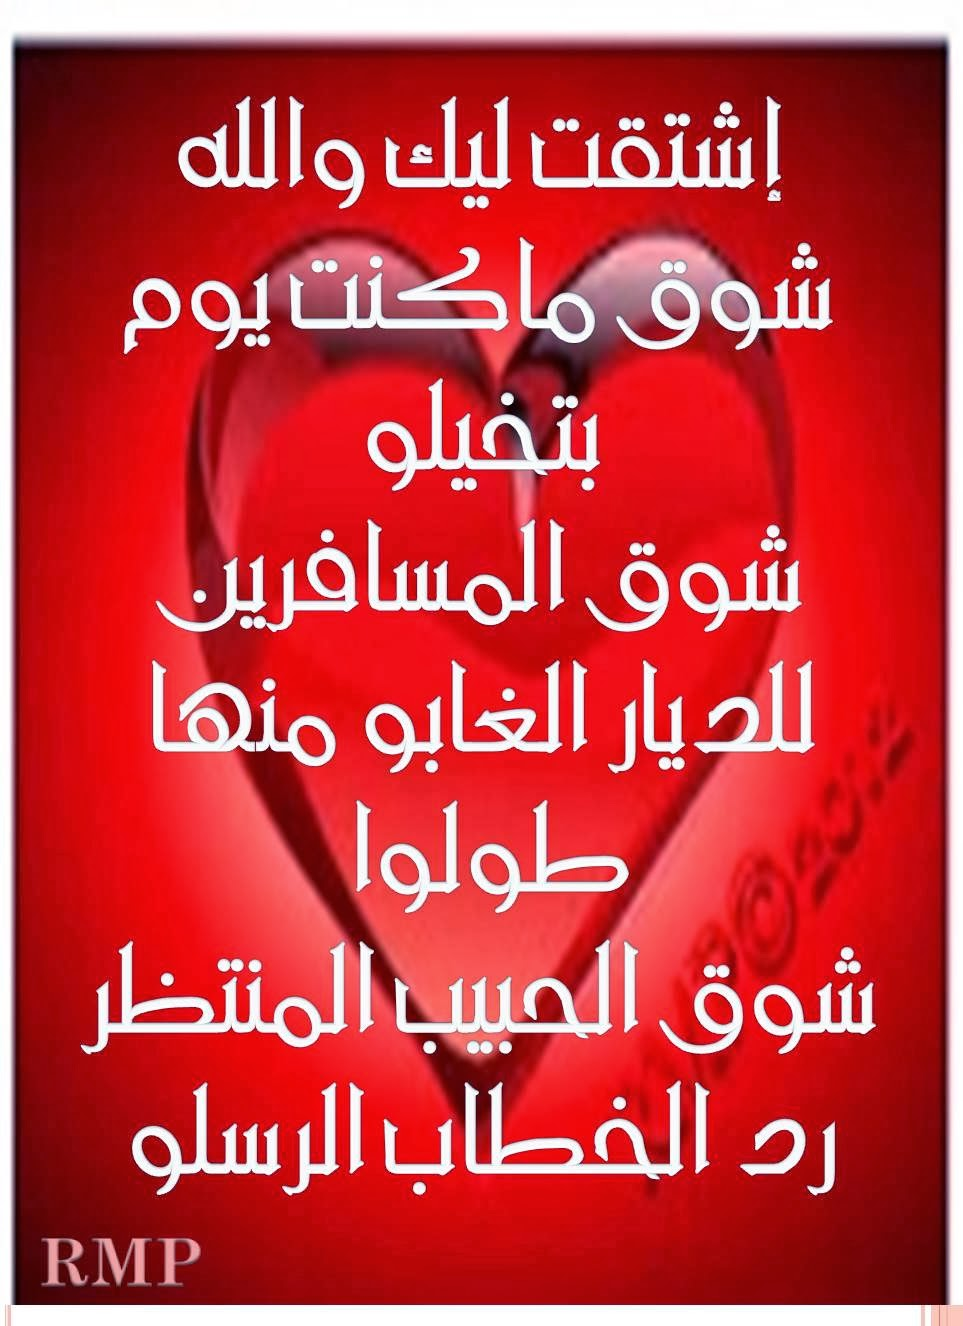 بالصور شعر حب واشتياق للحبيب , صور لاشعار الحب والشوق 2518 10